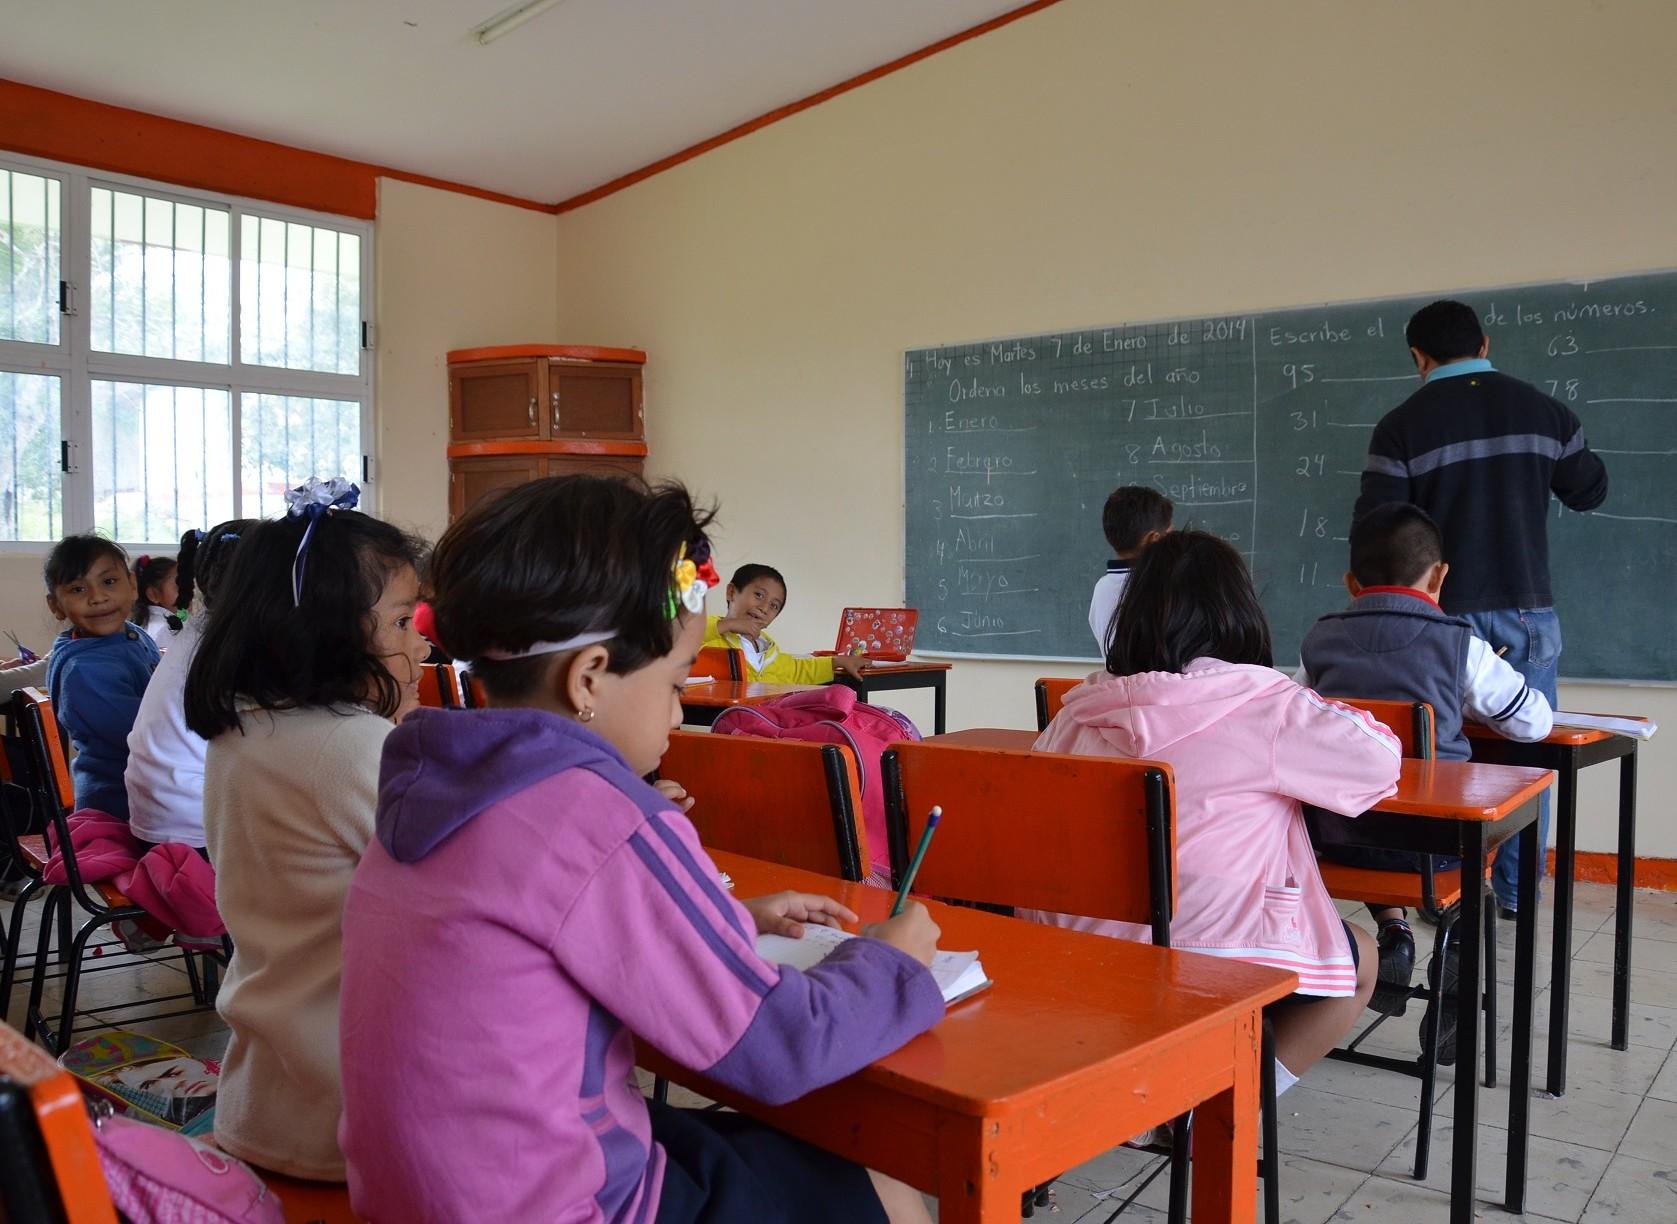 Por violencia, suspenden clases en Michoacán